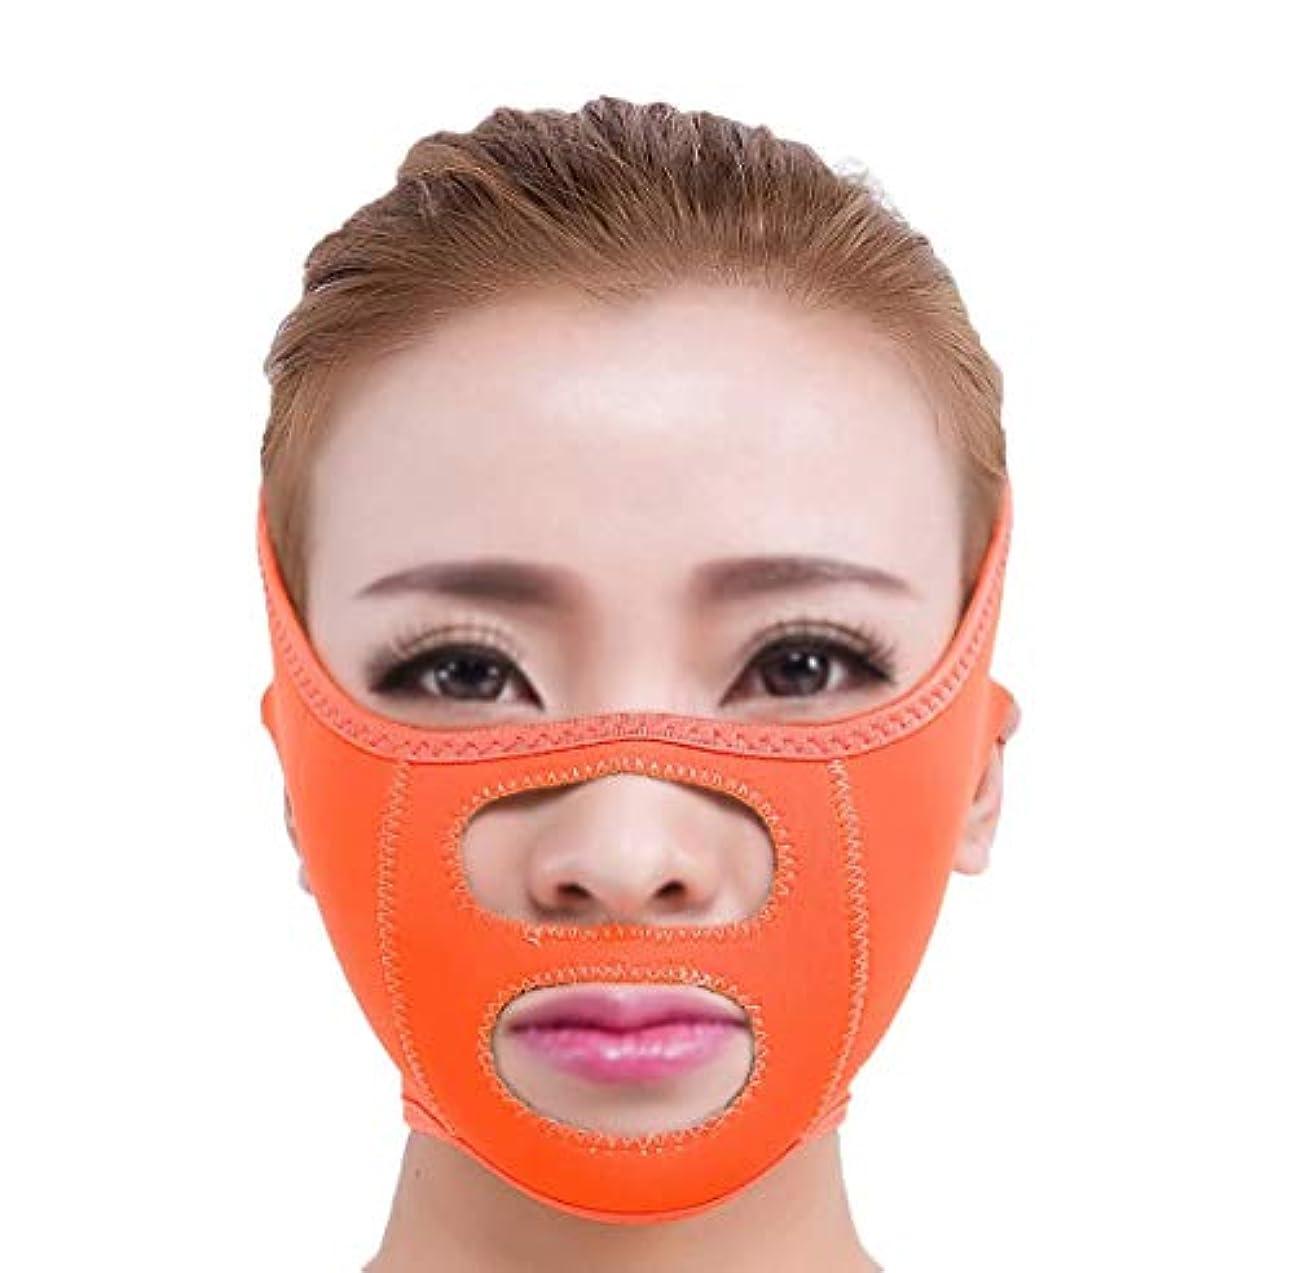 マイコンサイト悲惨なスモールフェイスツールVフェイス包帯フェイシャルリフティングフェイシャルマッサージャー美容通気性マスクVフェイスマスク睡眠薄い顔でオレンジ